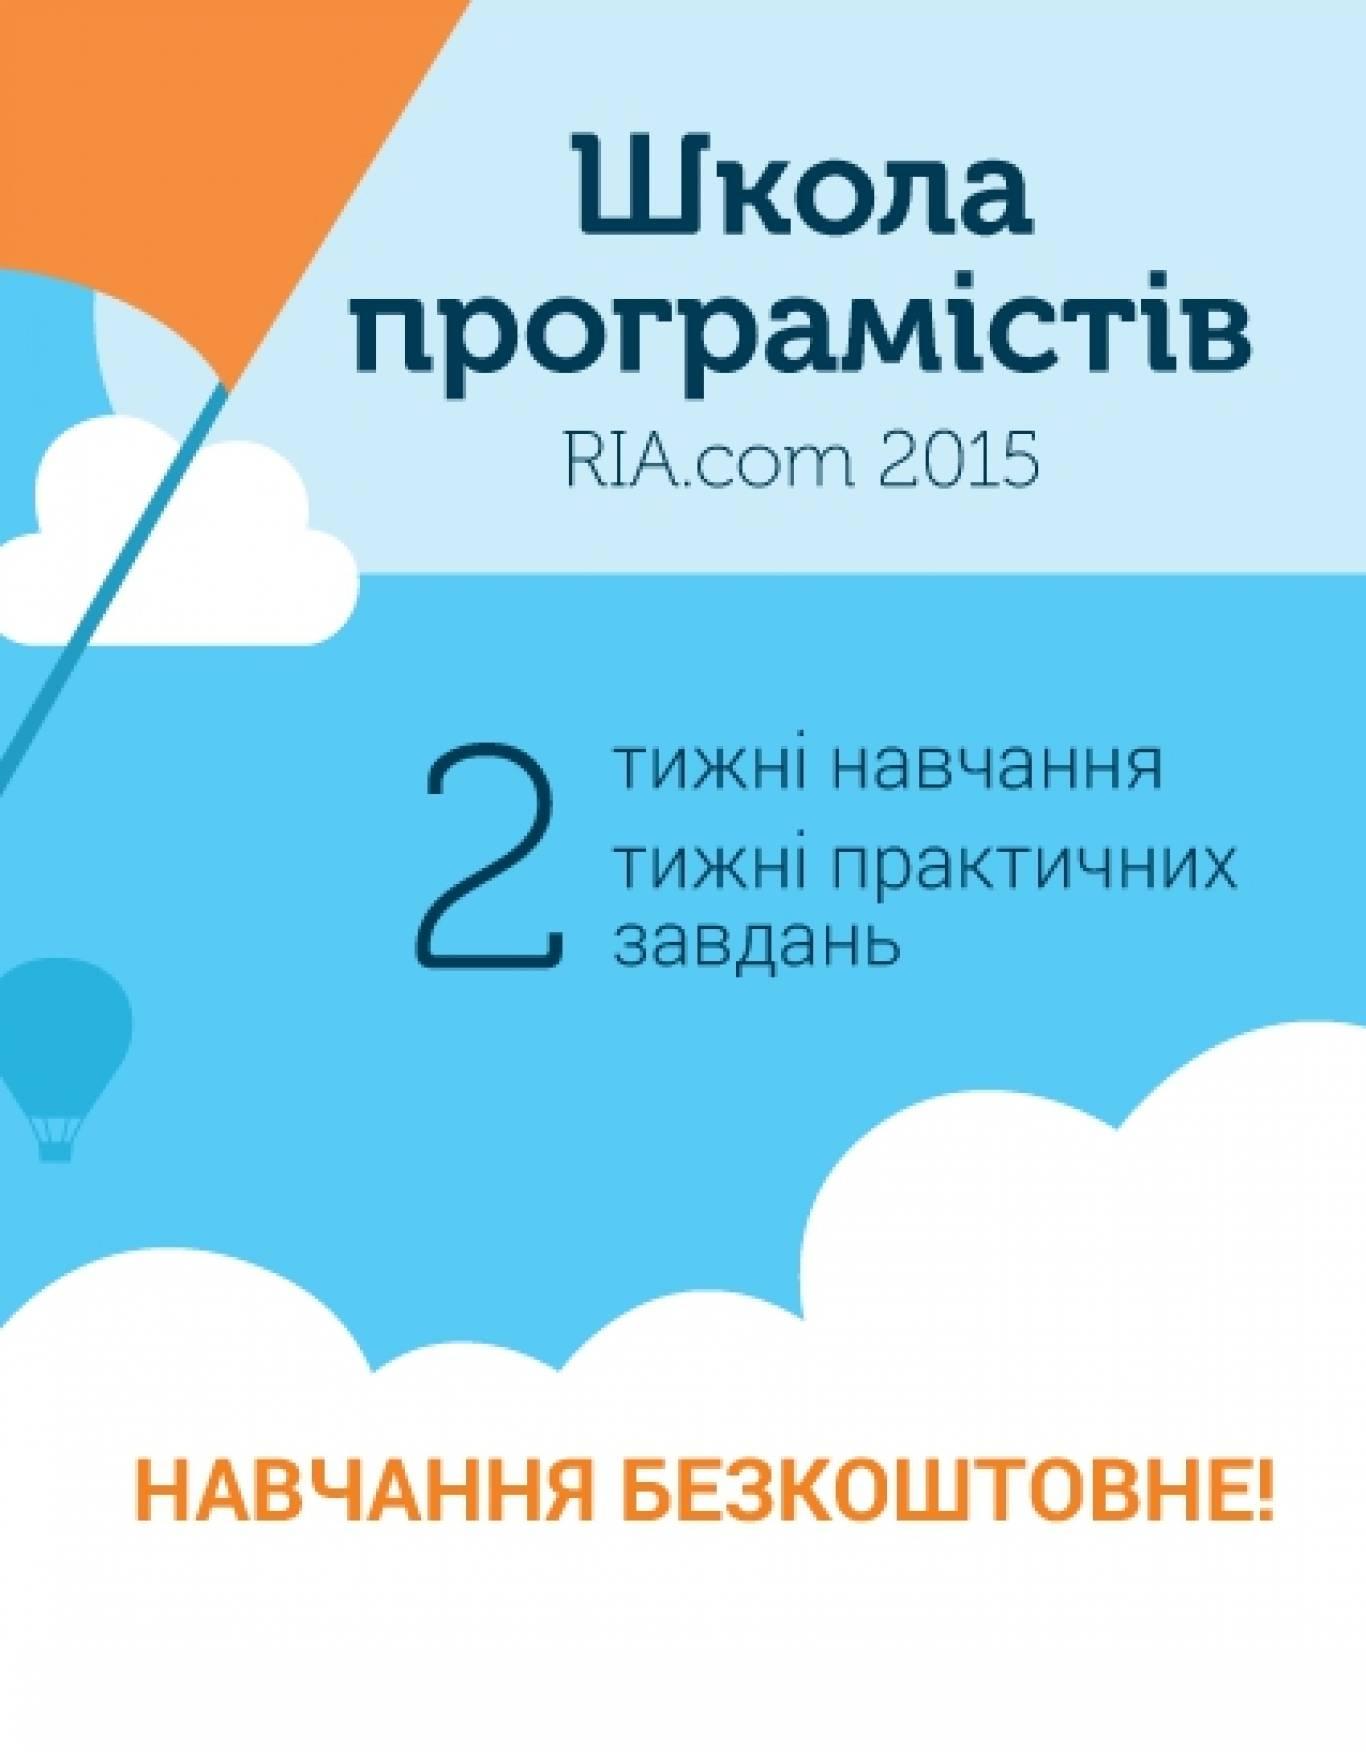 Сьома Школа Програмістів RIA.com